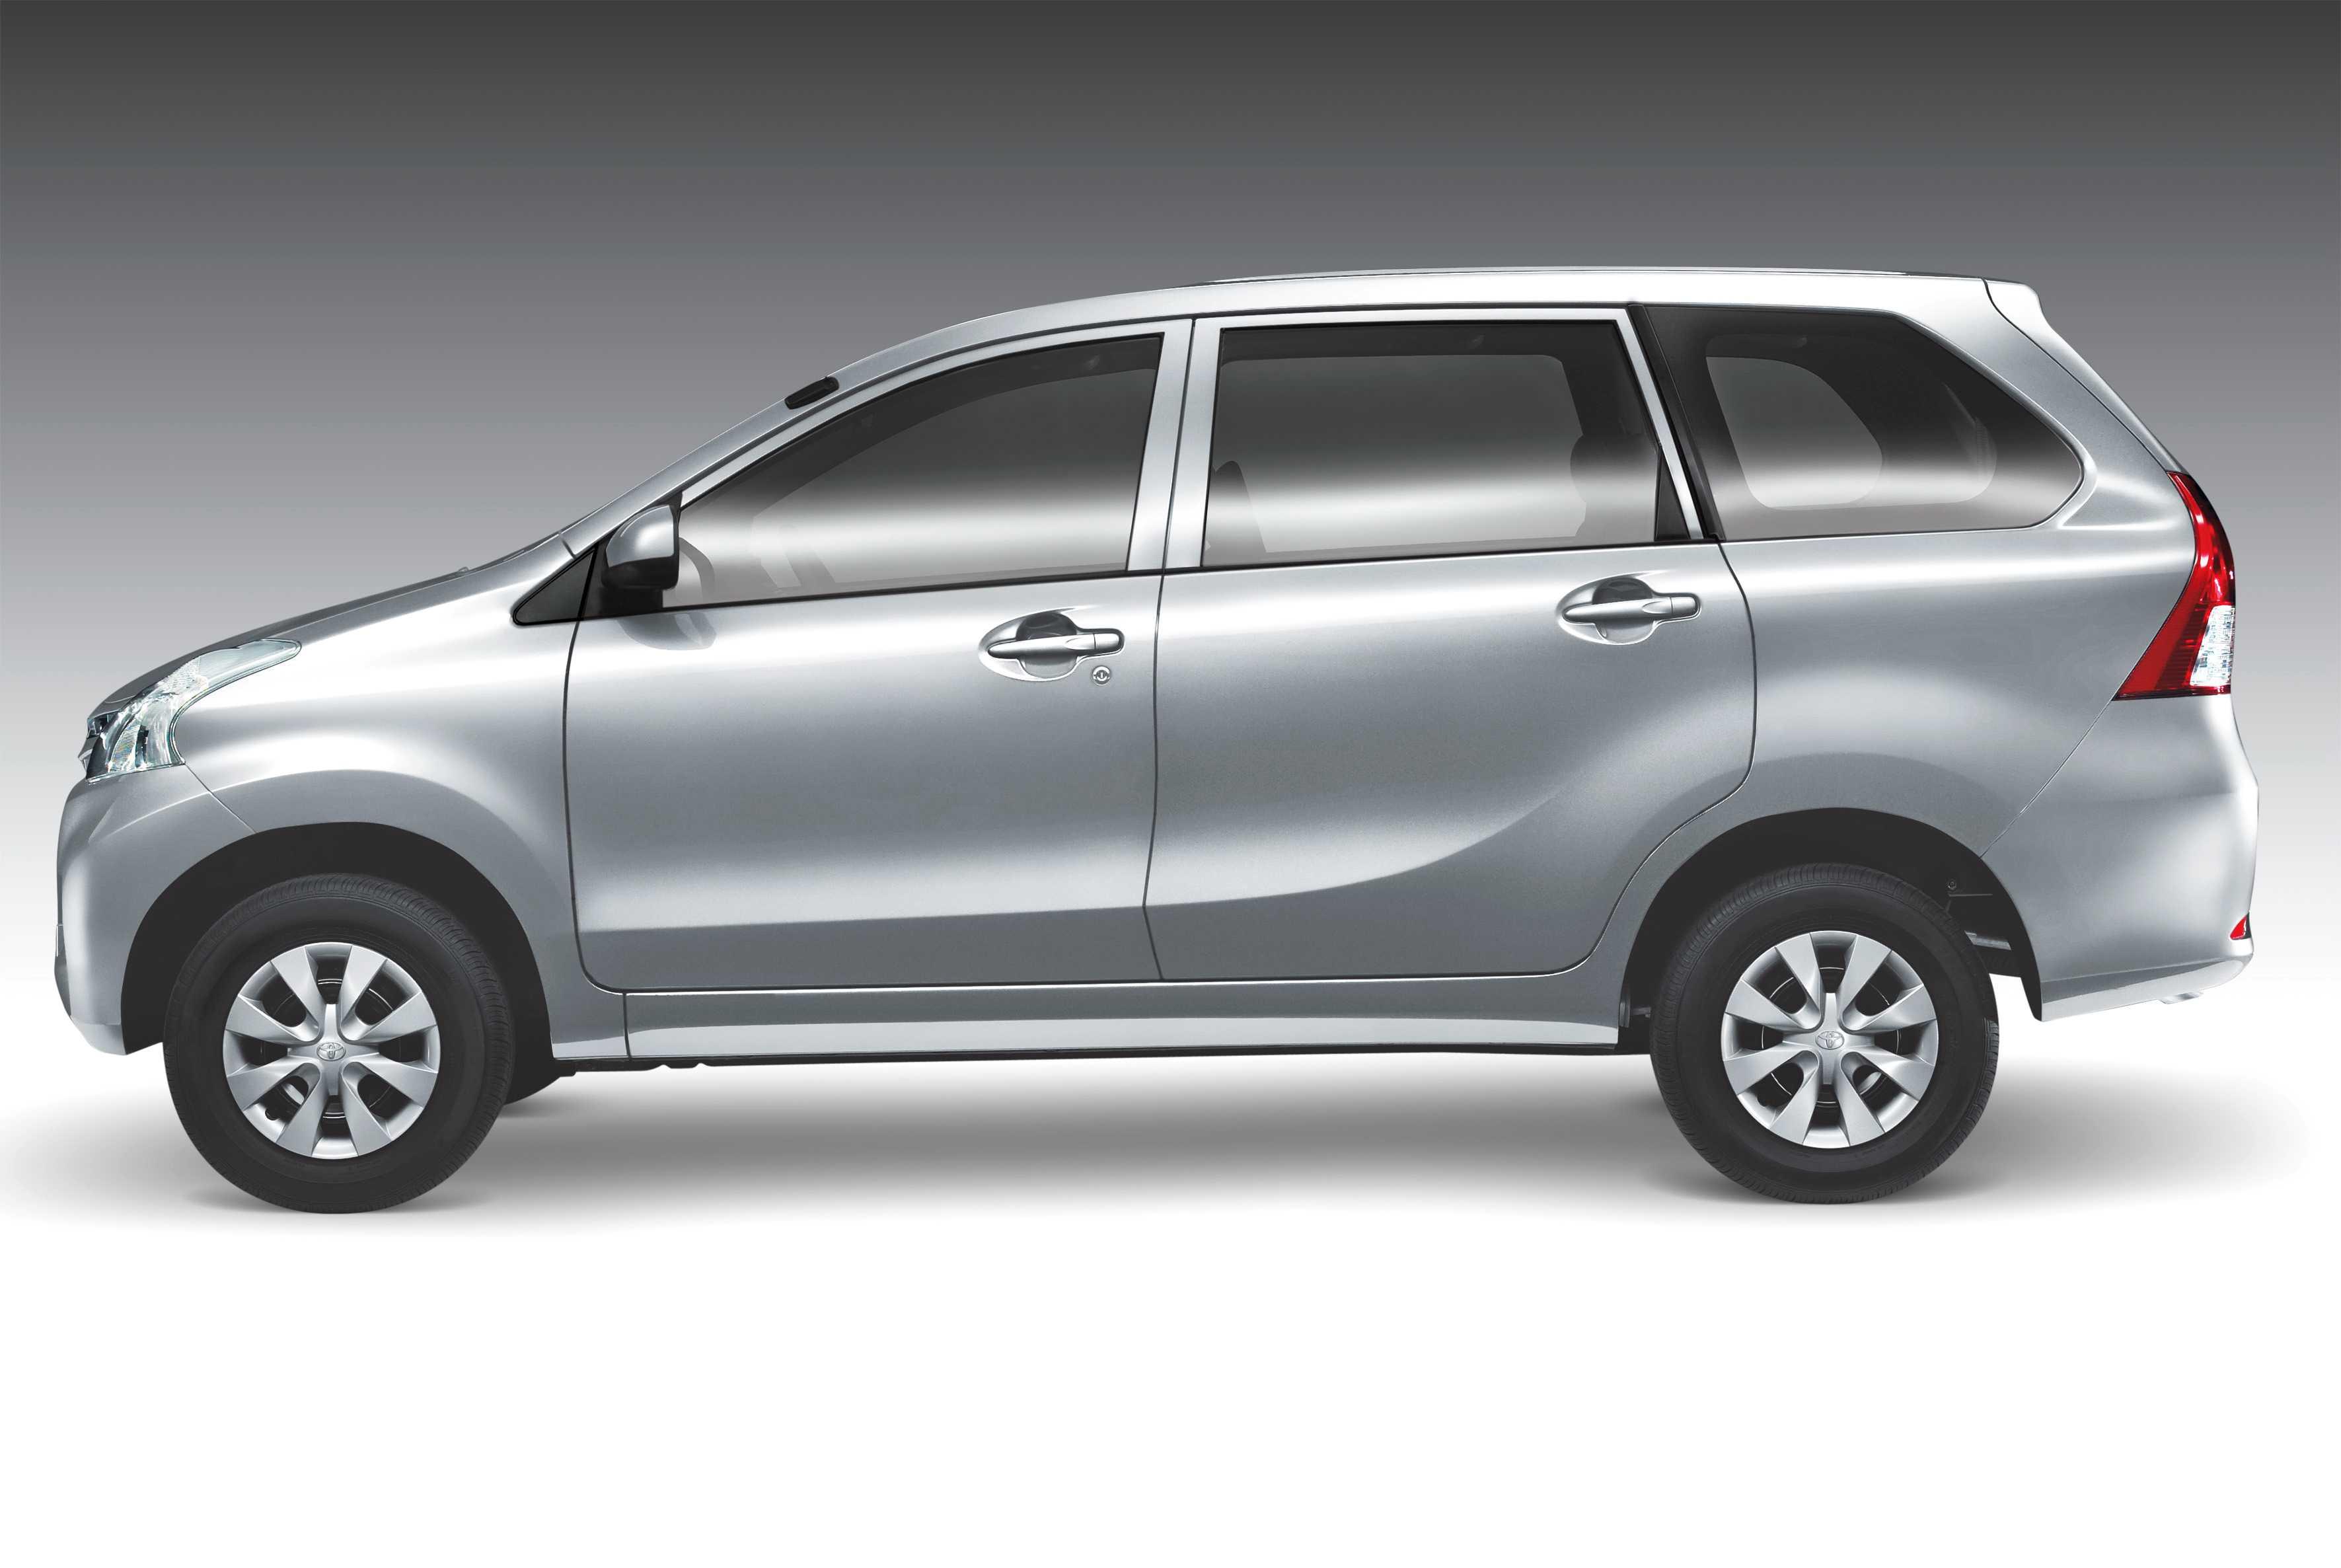 Kelebihan Kekurangan Toyota Avanza Perbandingan Harga